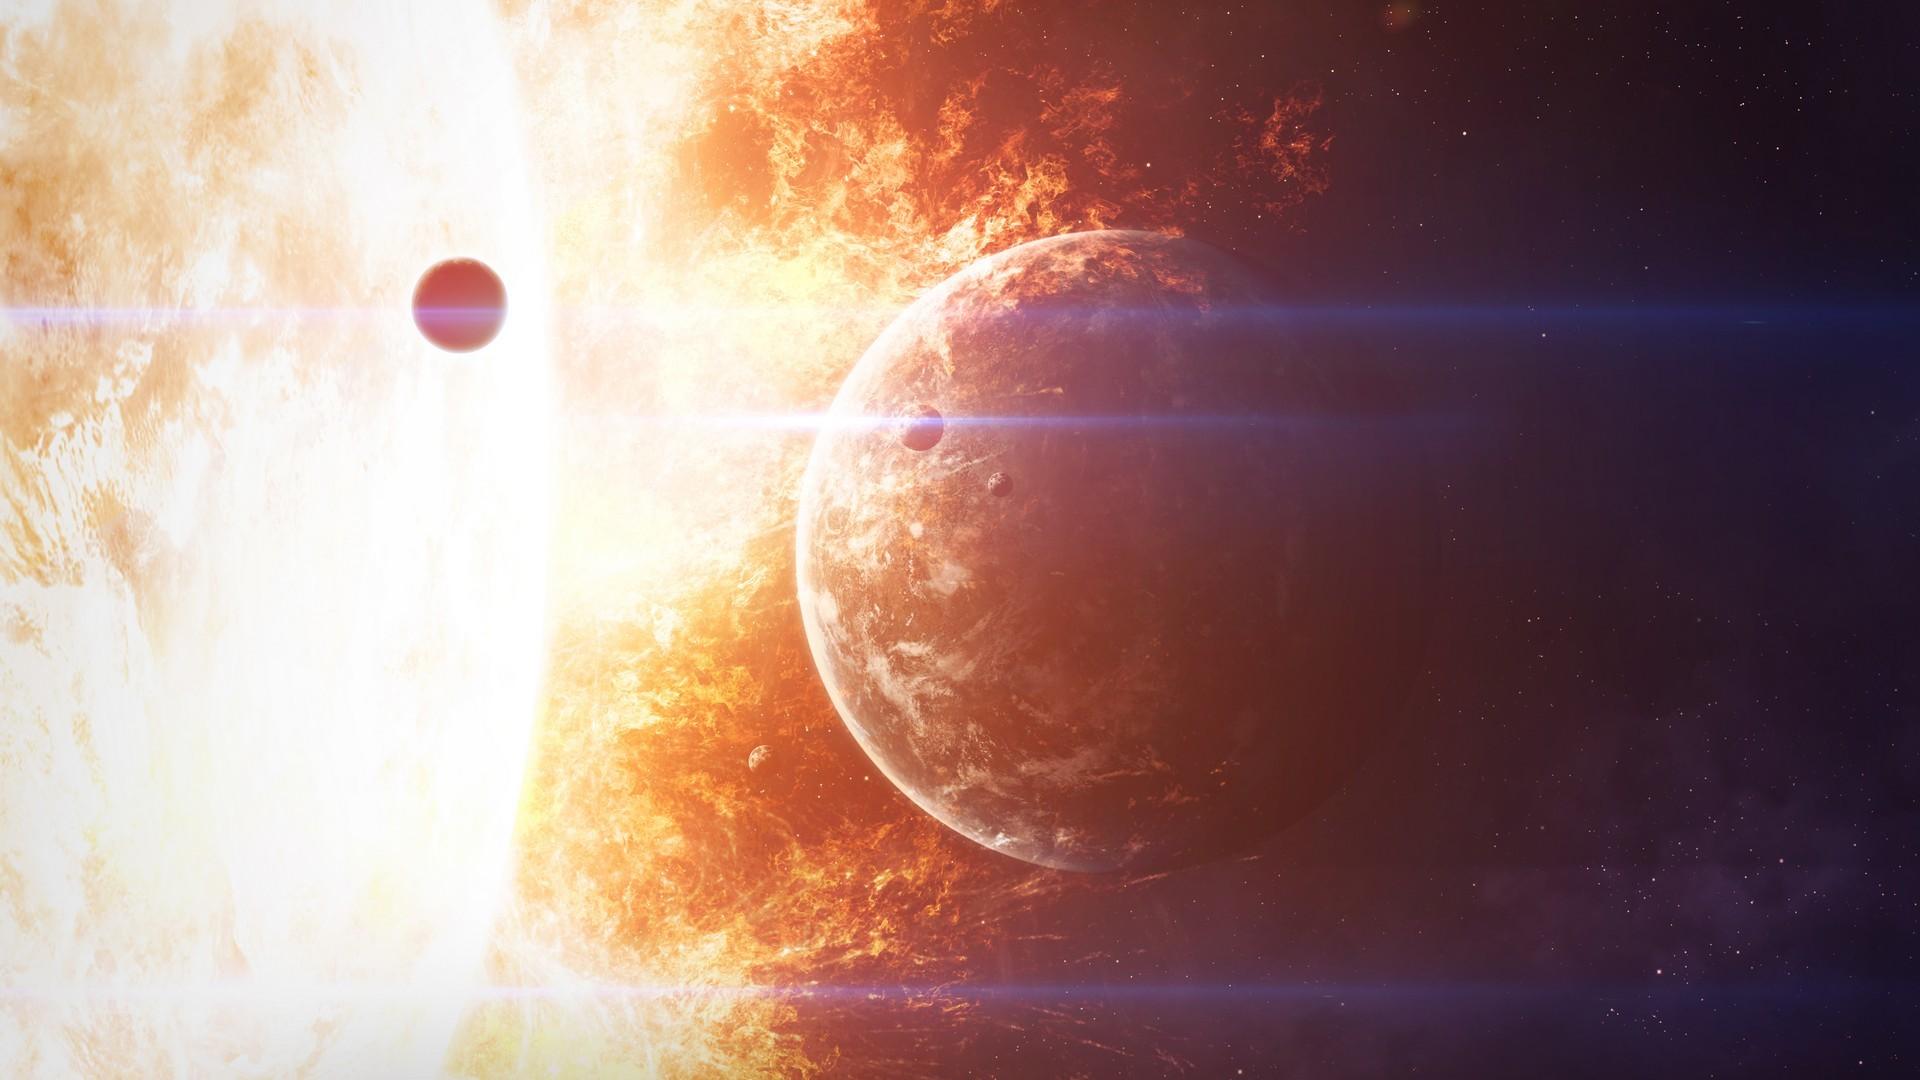 Звёздное небо и космос в картинках - Страница 4 Vadim-sadovski-we16